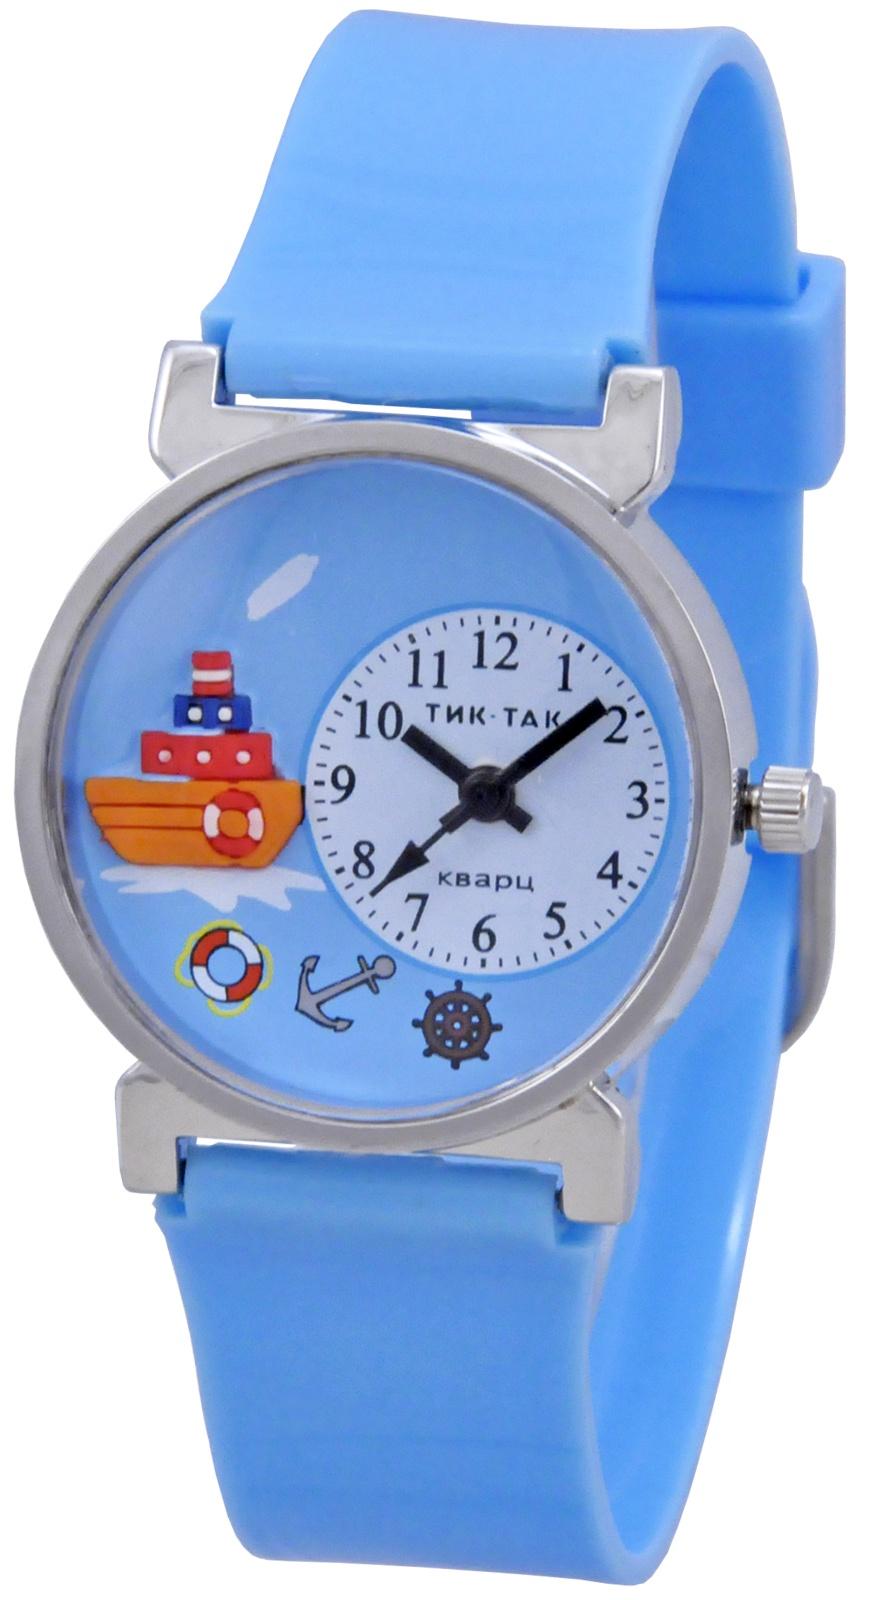 Наручные часы Тик-Так Н103-1 кораблик цена и фото